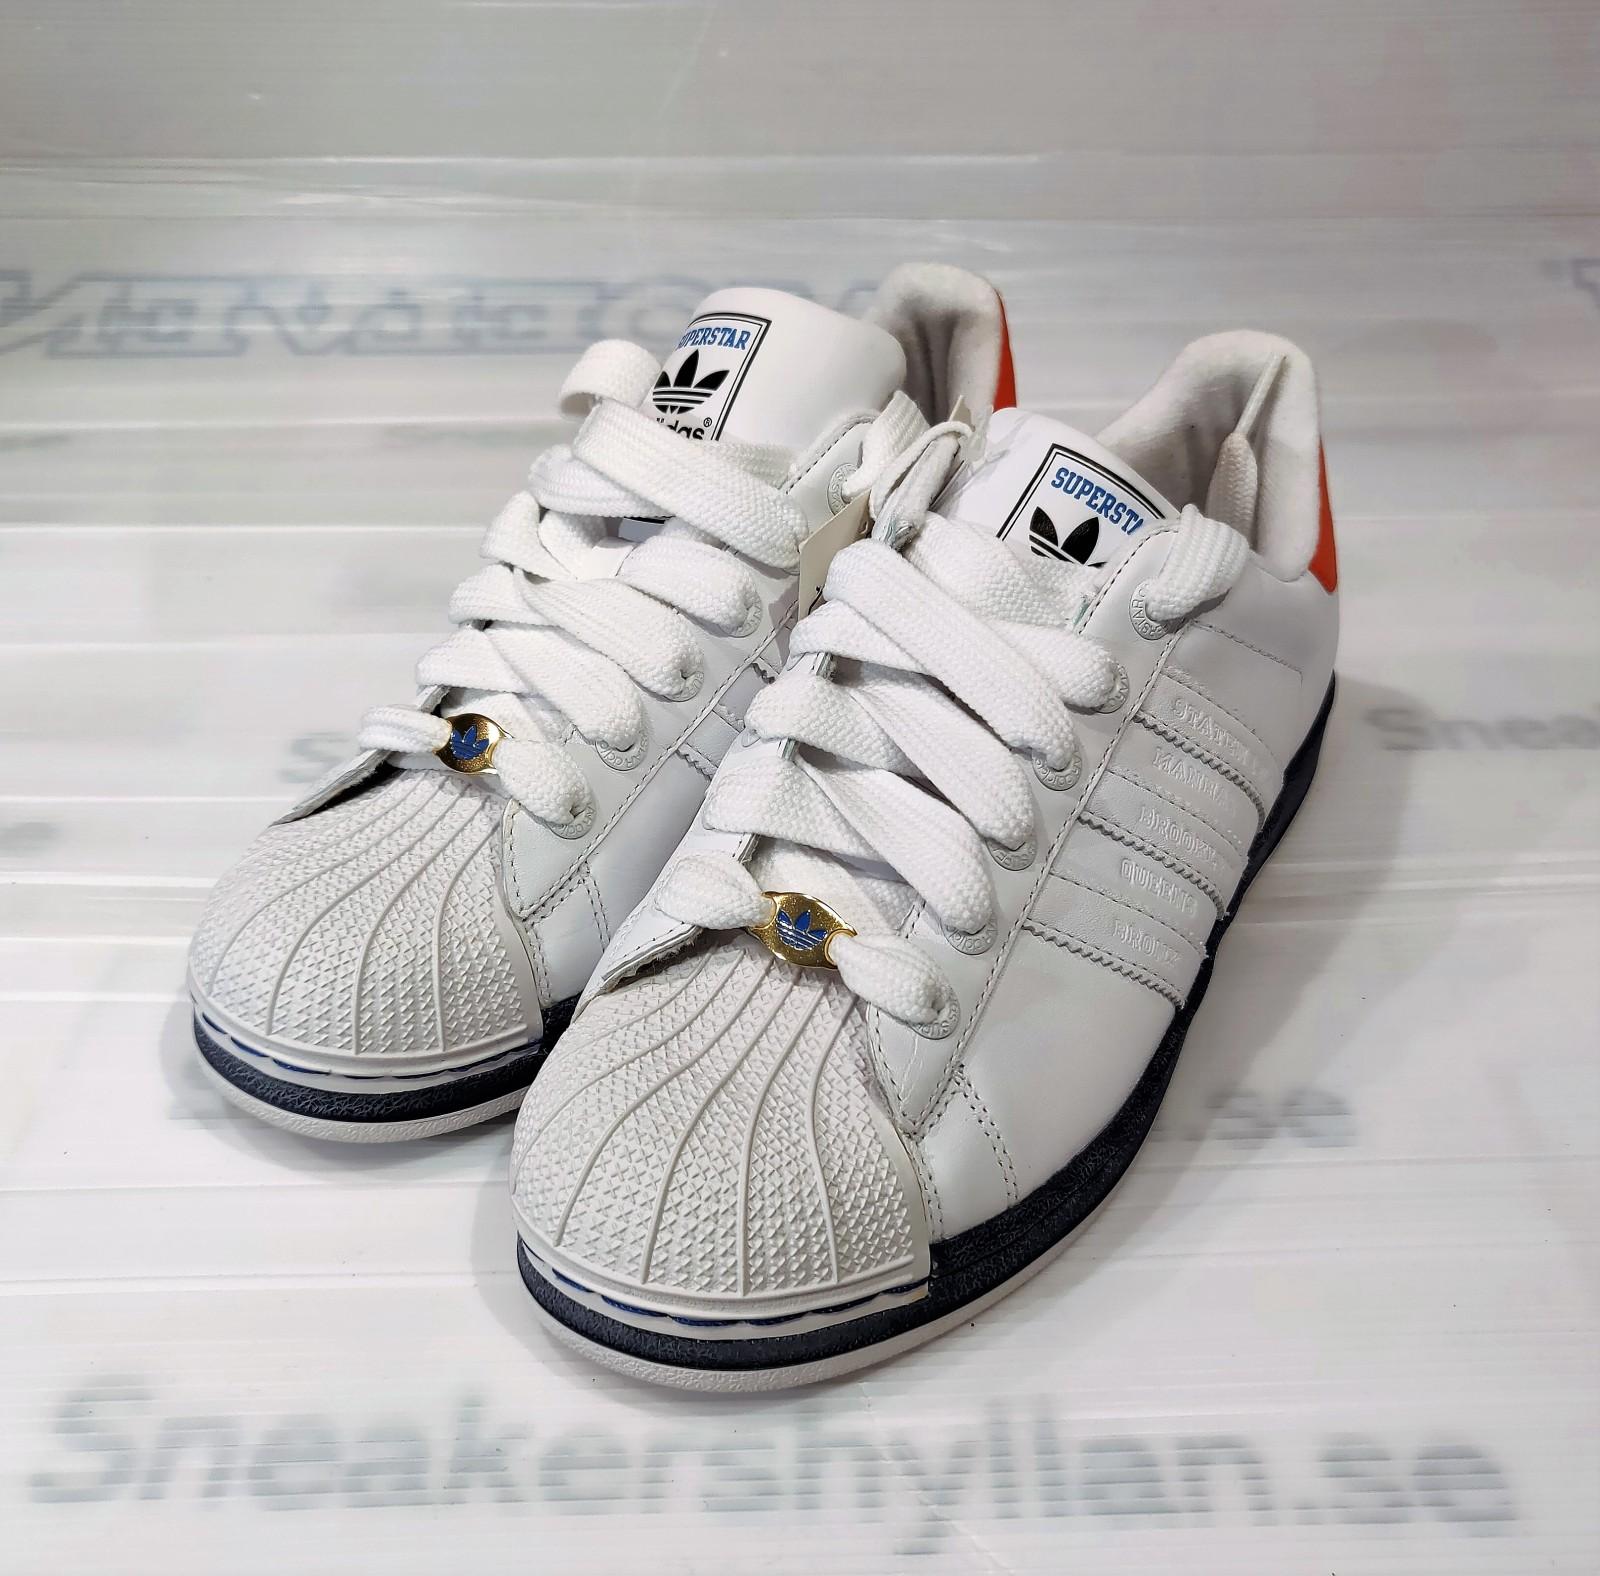 Adidas White Superstar 2 City for men